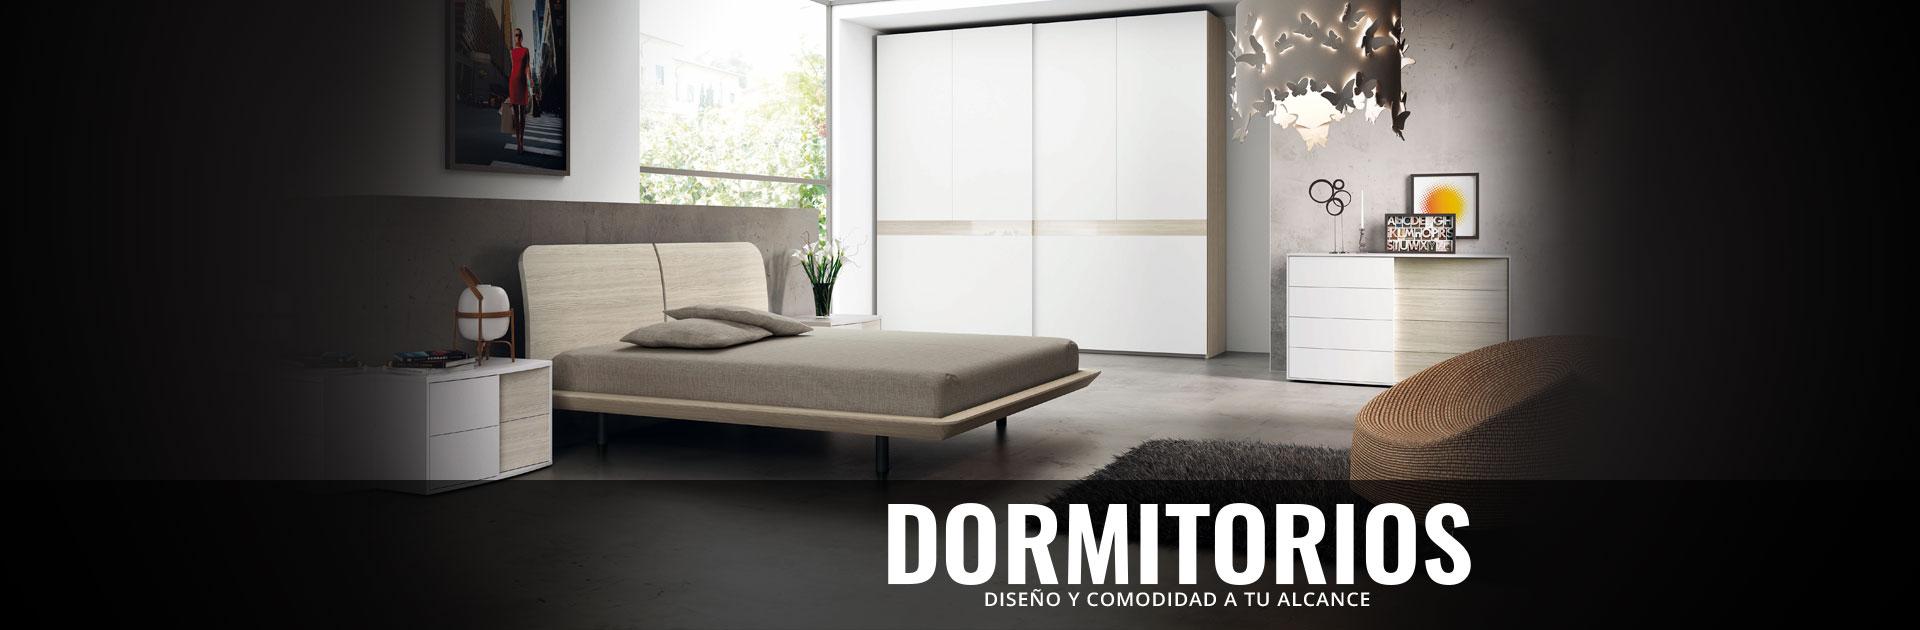 slide-1-dormitorios